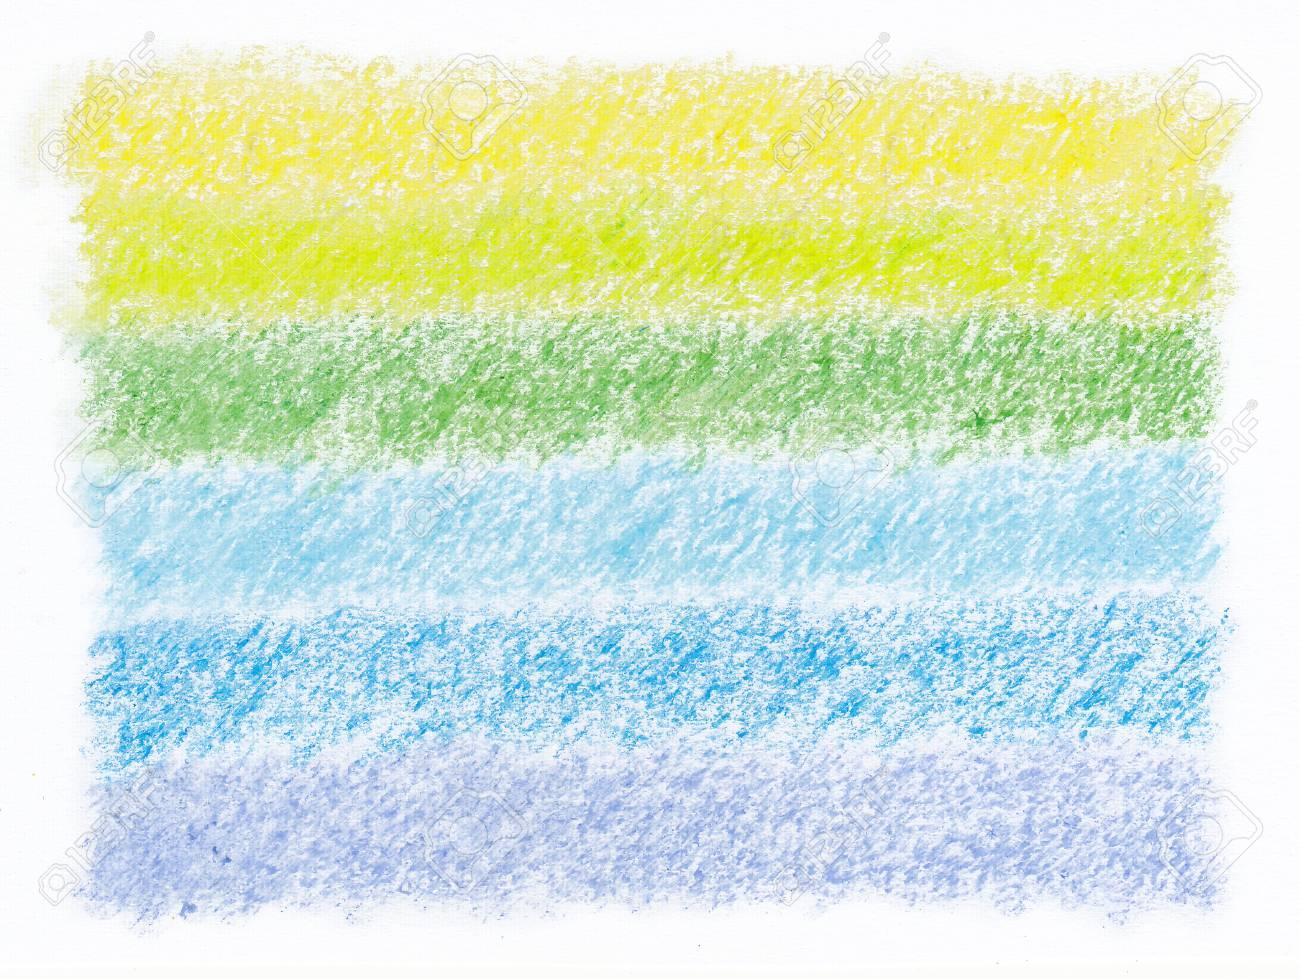 抽象の緑のトーン クレヨン層の芸術の背景 の写真素材 画像素材 Image